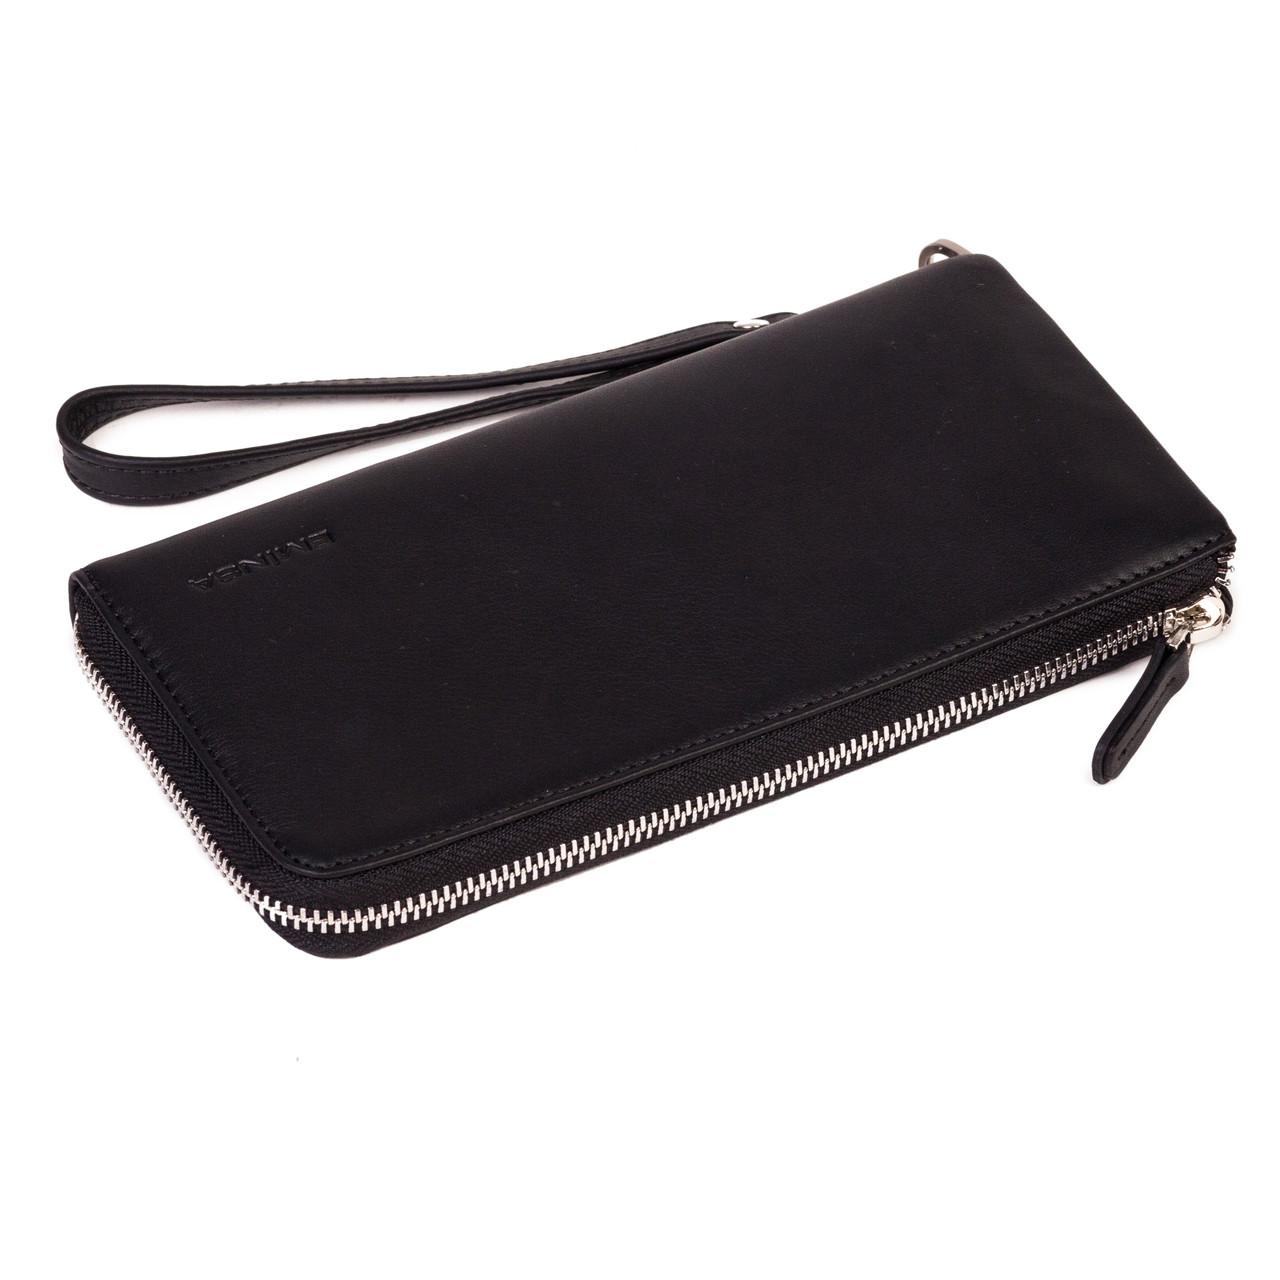 Мужской кошелек клатч Eminsa 2104-3-1 кожаный черный